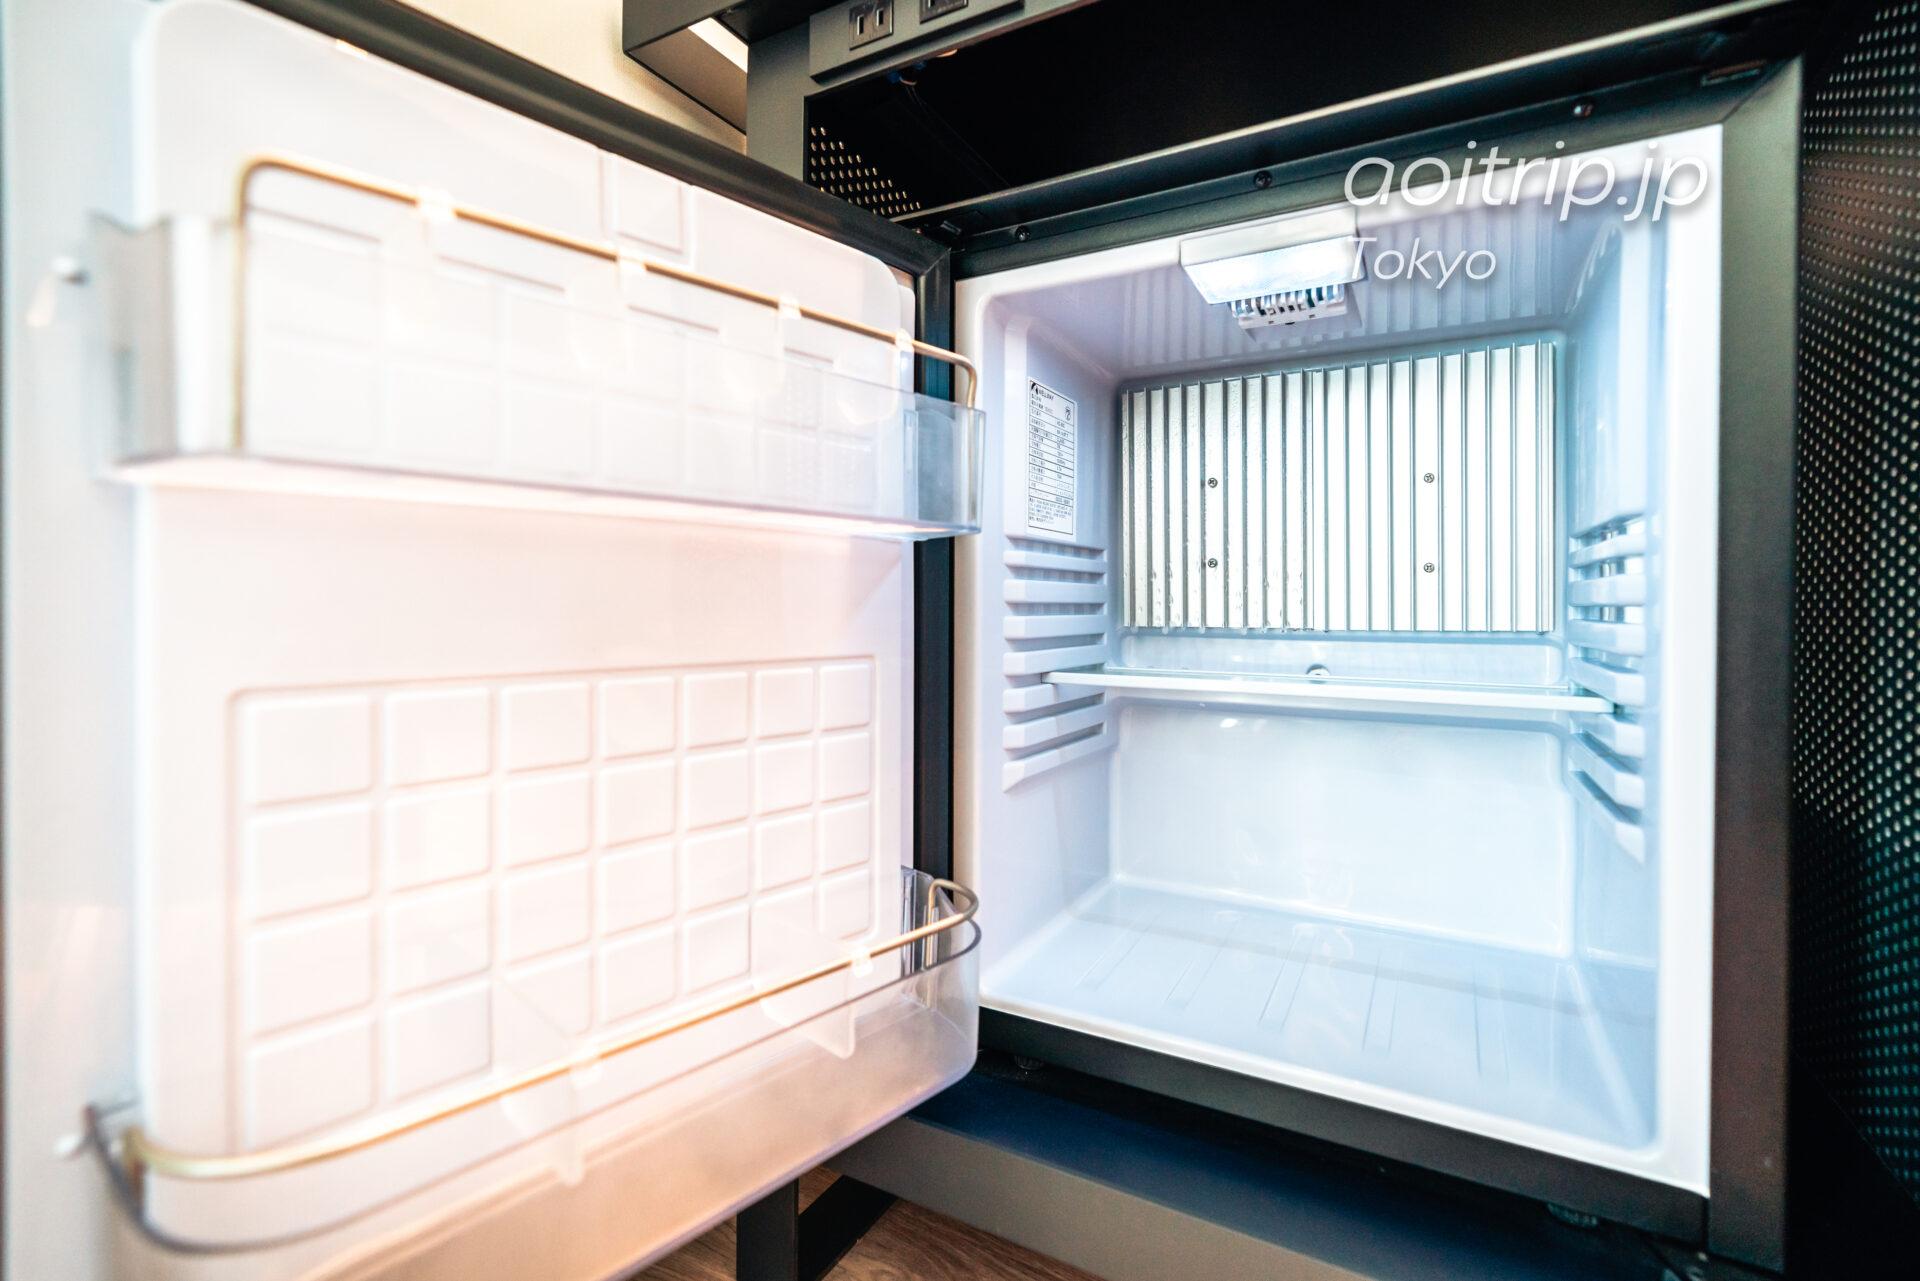 アロフト東京銀座の冷蔵庫